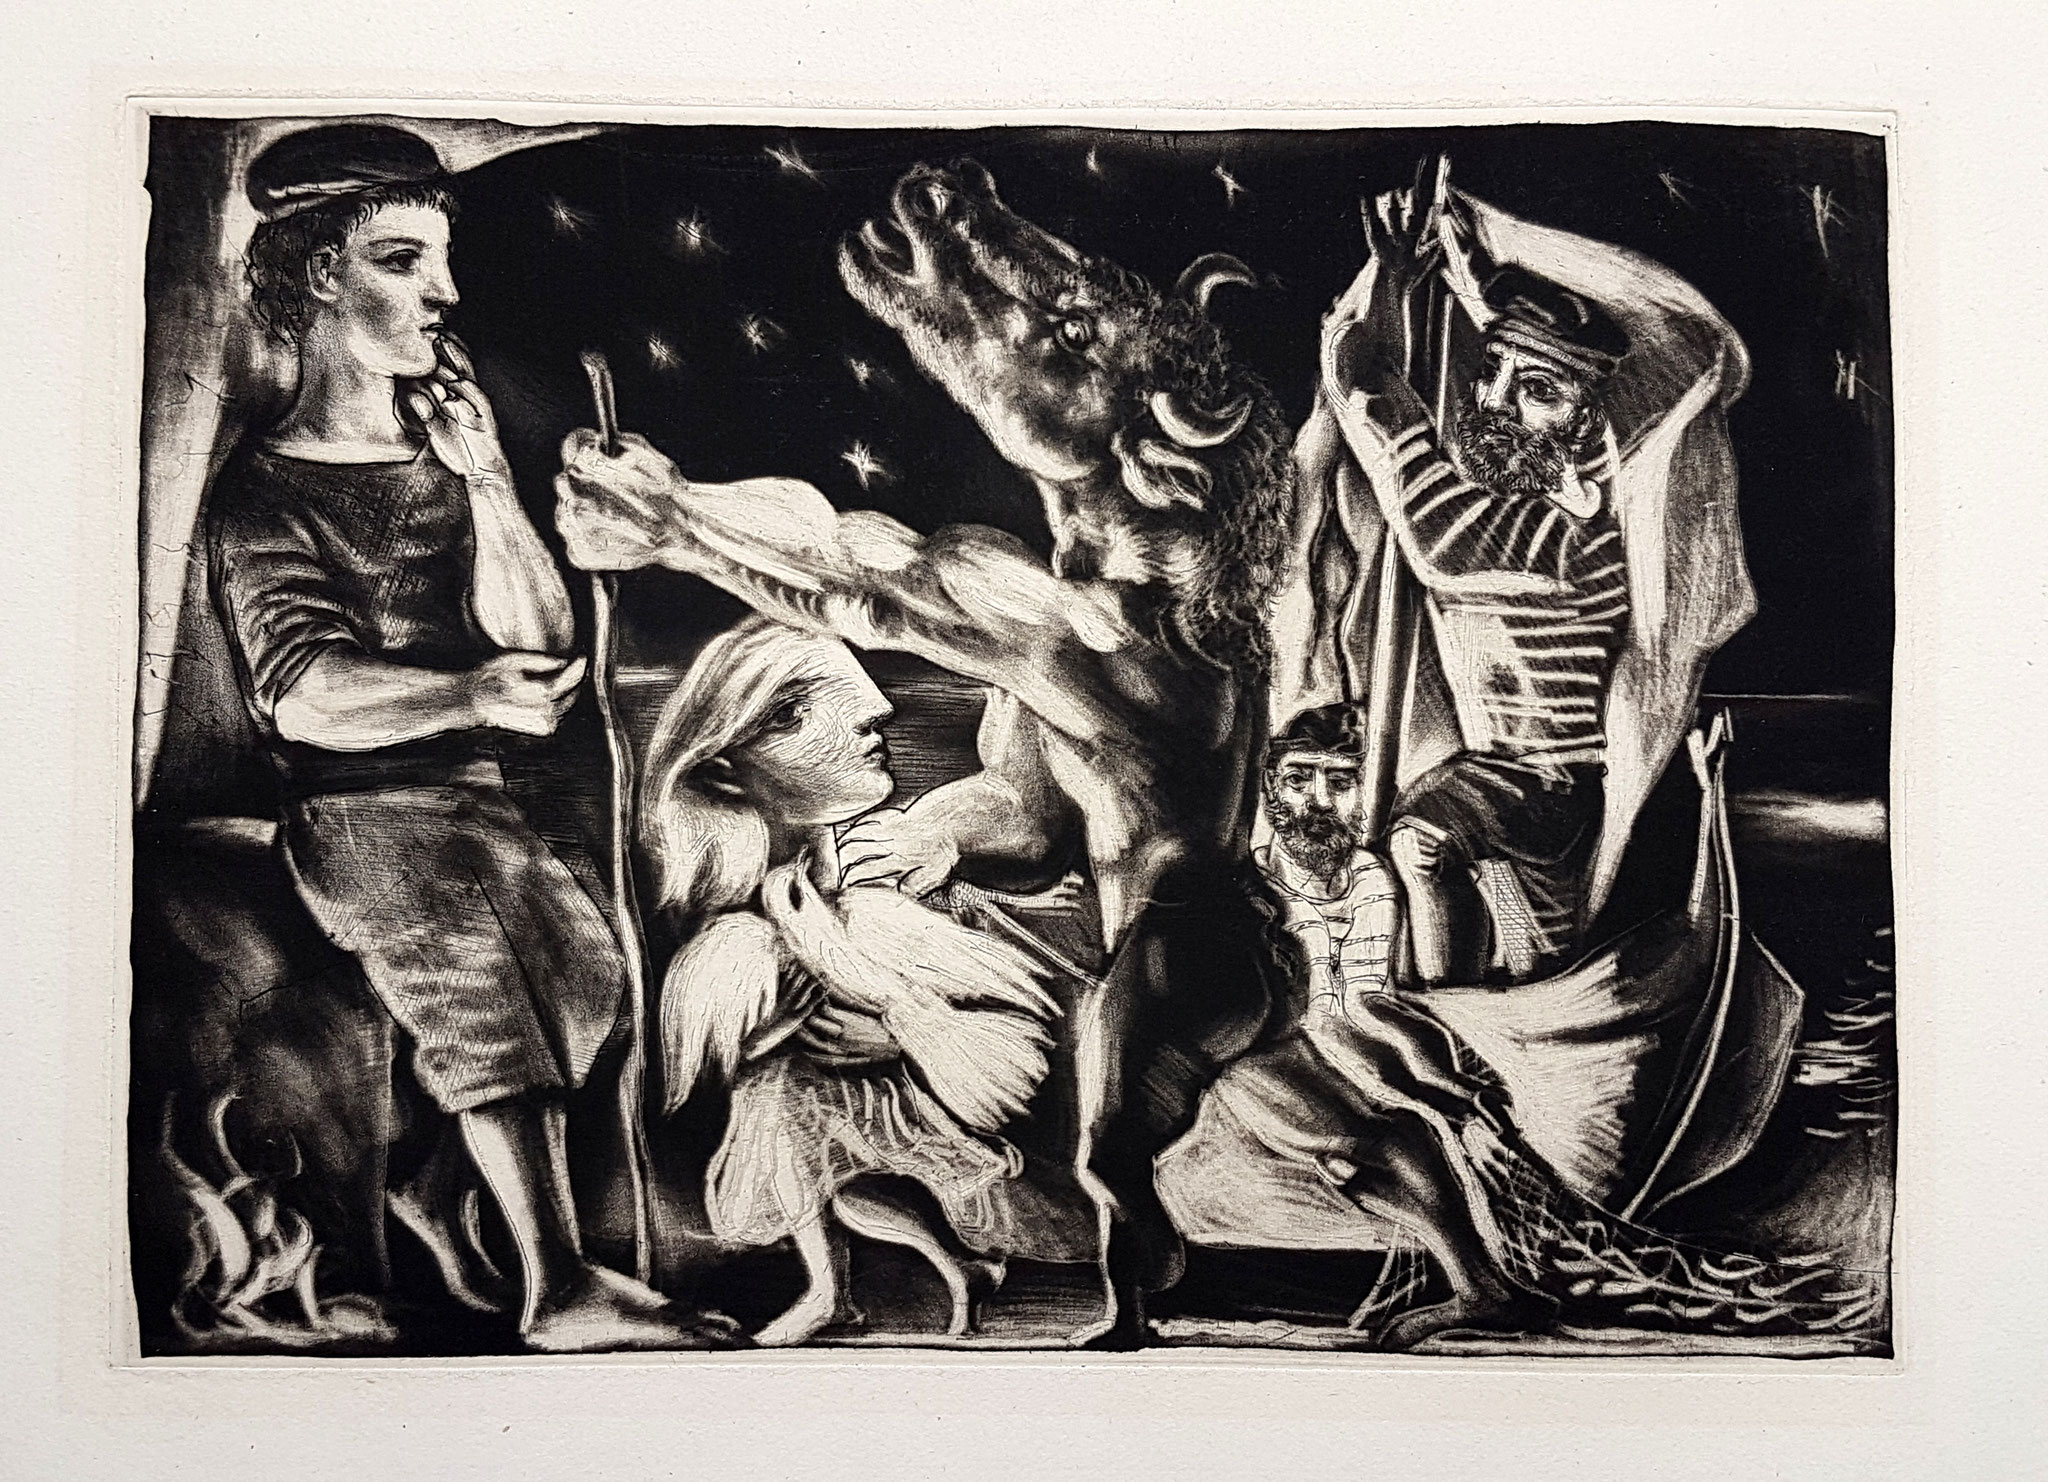 Adjugé 50 740 € - PICASSO Pablo, 1934, estampe de la suite Vollard, 24,5 x 34,5 cm